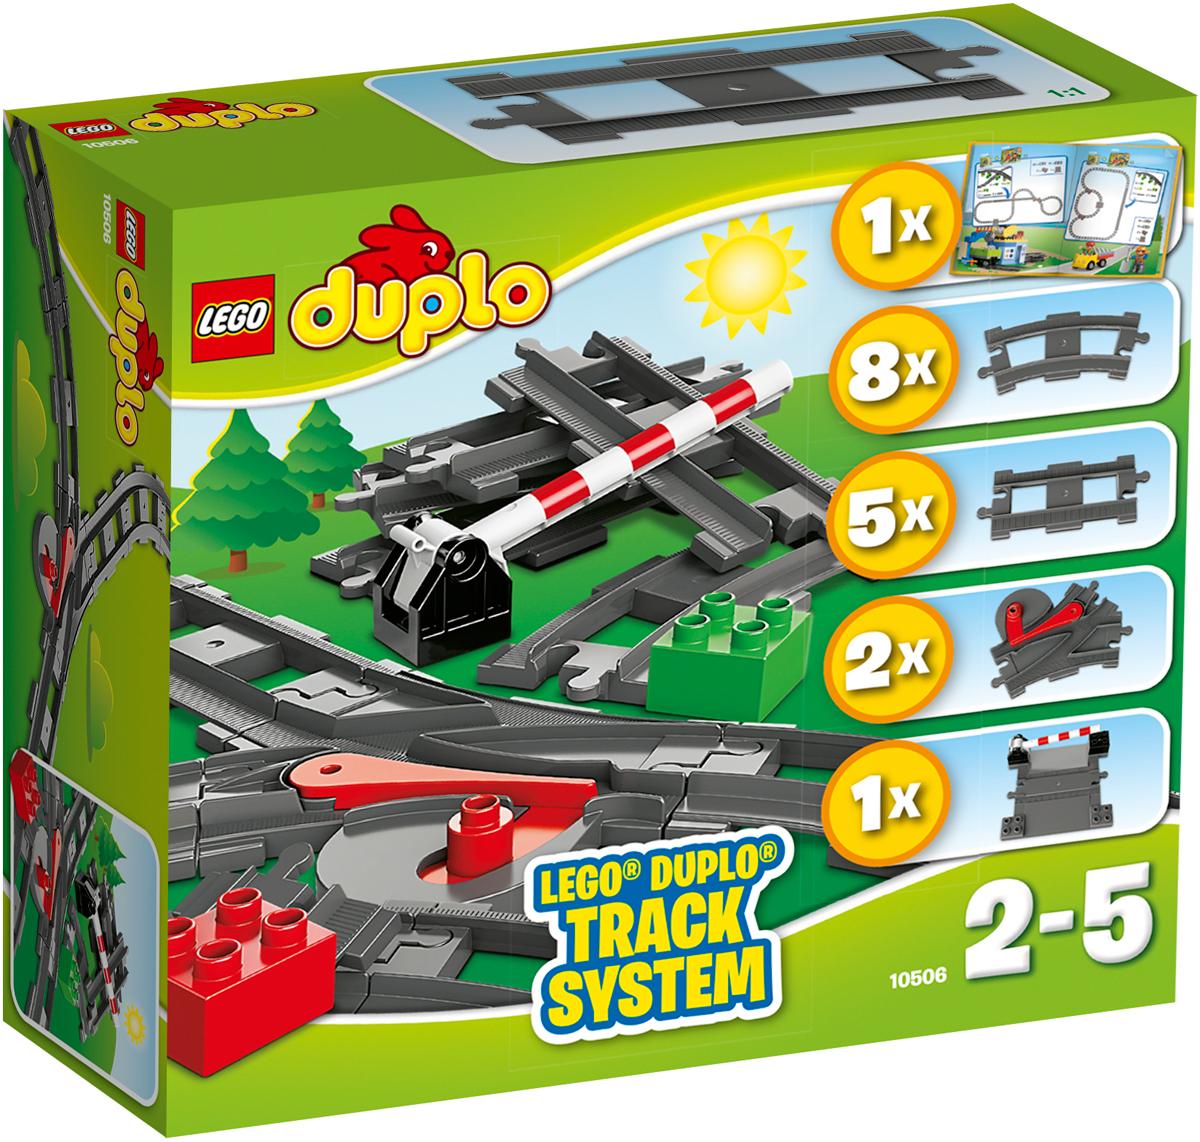 LEGO DUPLO Конструктор Дополнительные элементы для поезда 10506 lego duplo 10506 лего дупло дополнительные элементы для поезда